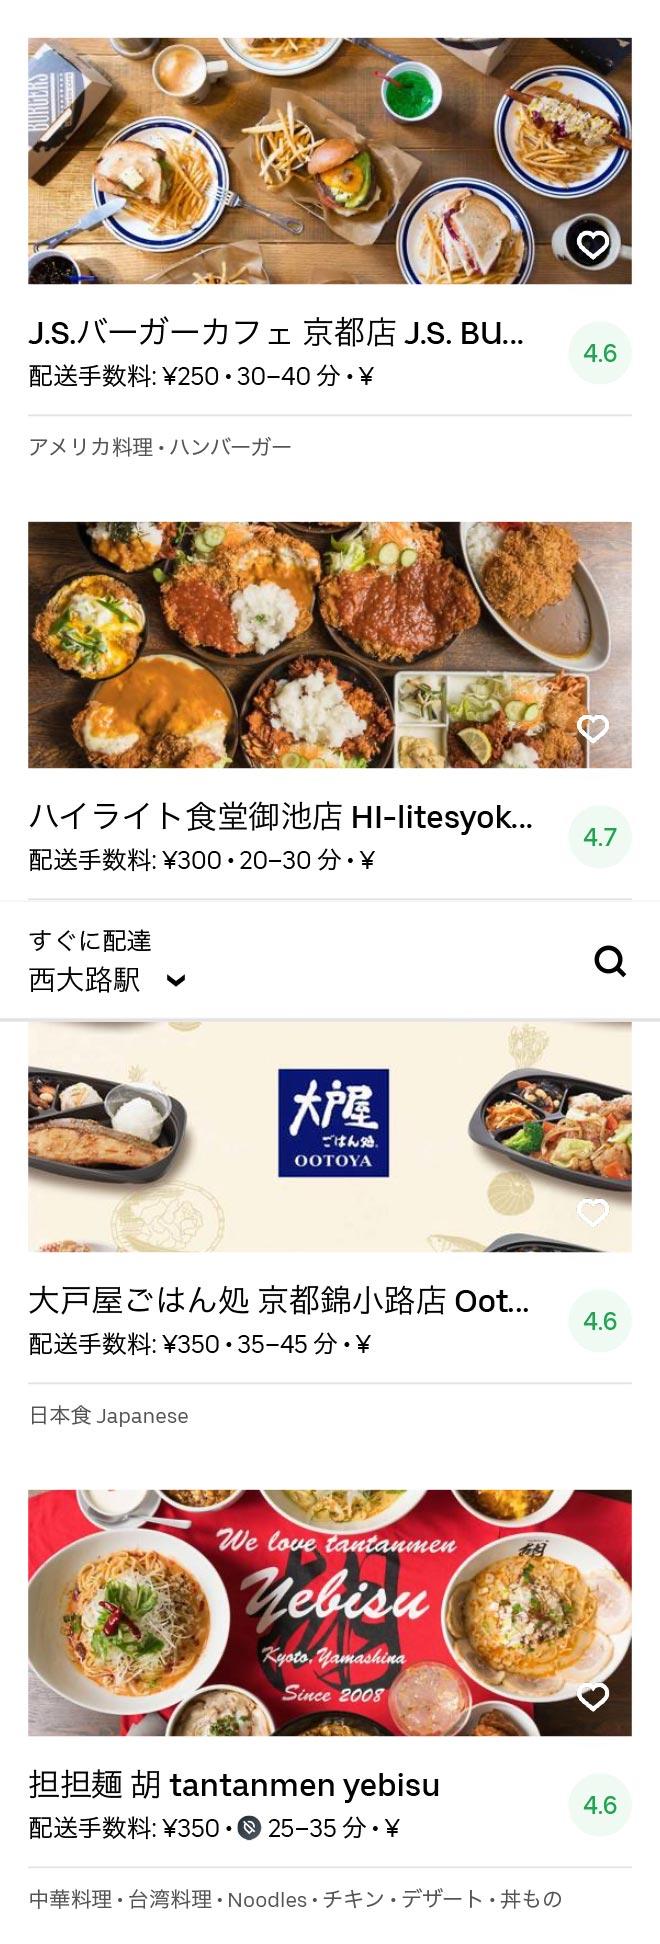 Kyoto nishioji menu 2005 04